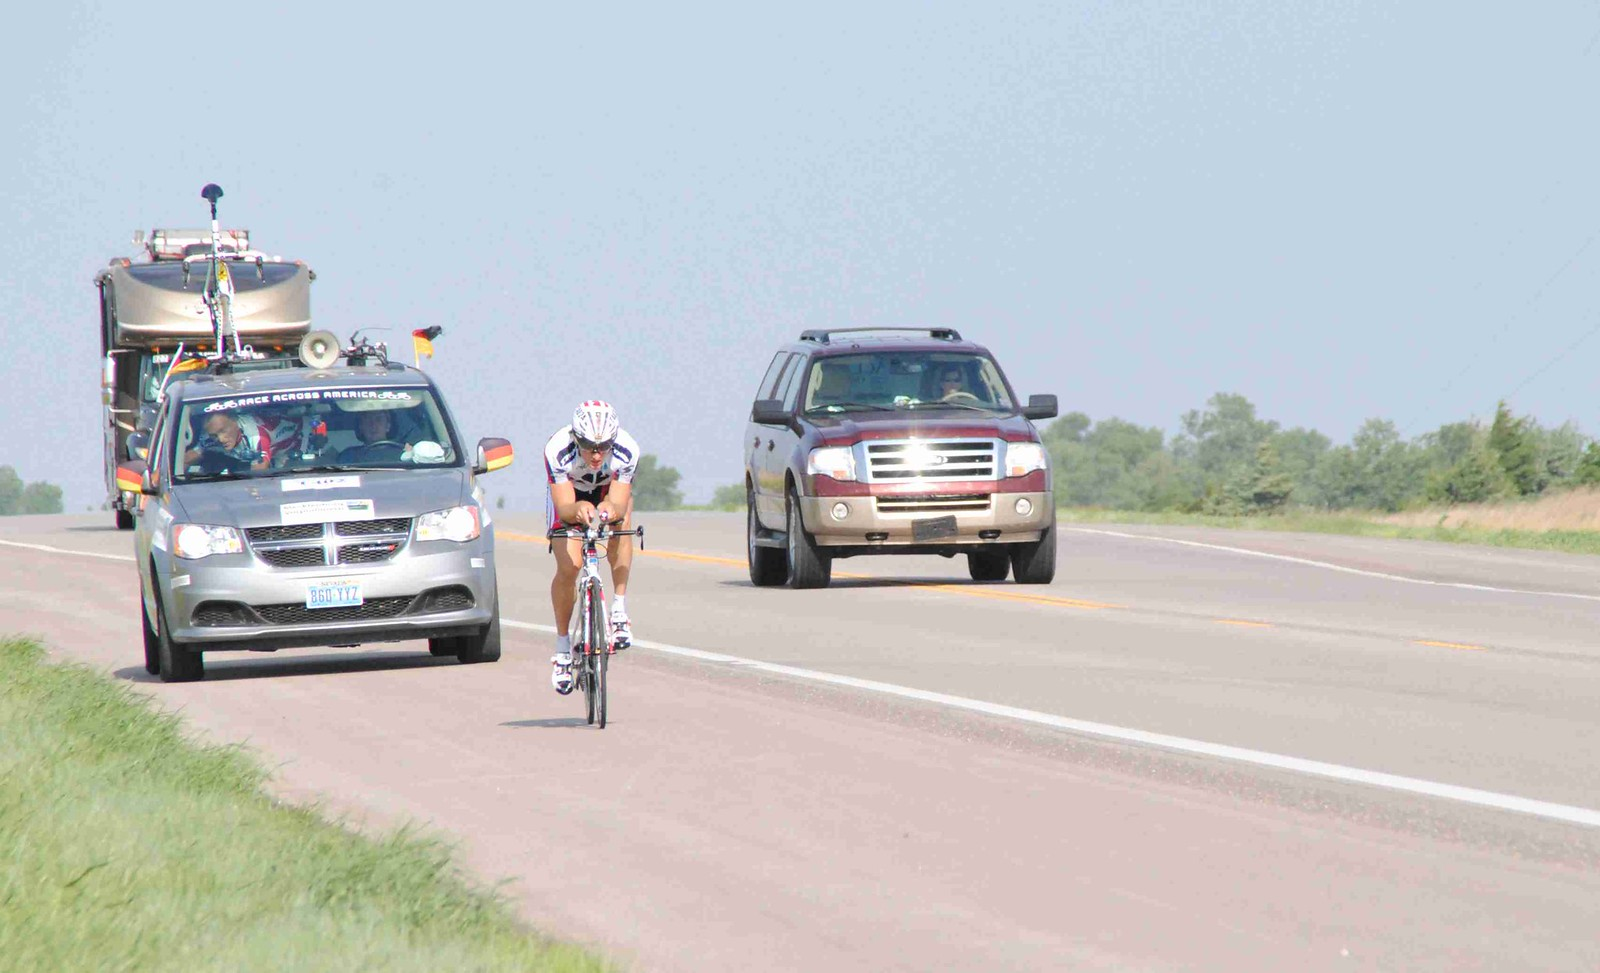 Fahrer Begleitfahrzeug und Wohnmobil - die typische Reihenfolge beim Rennen Foto privat